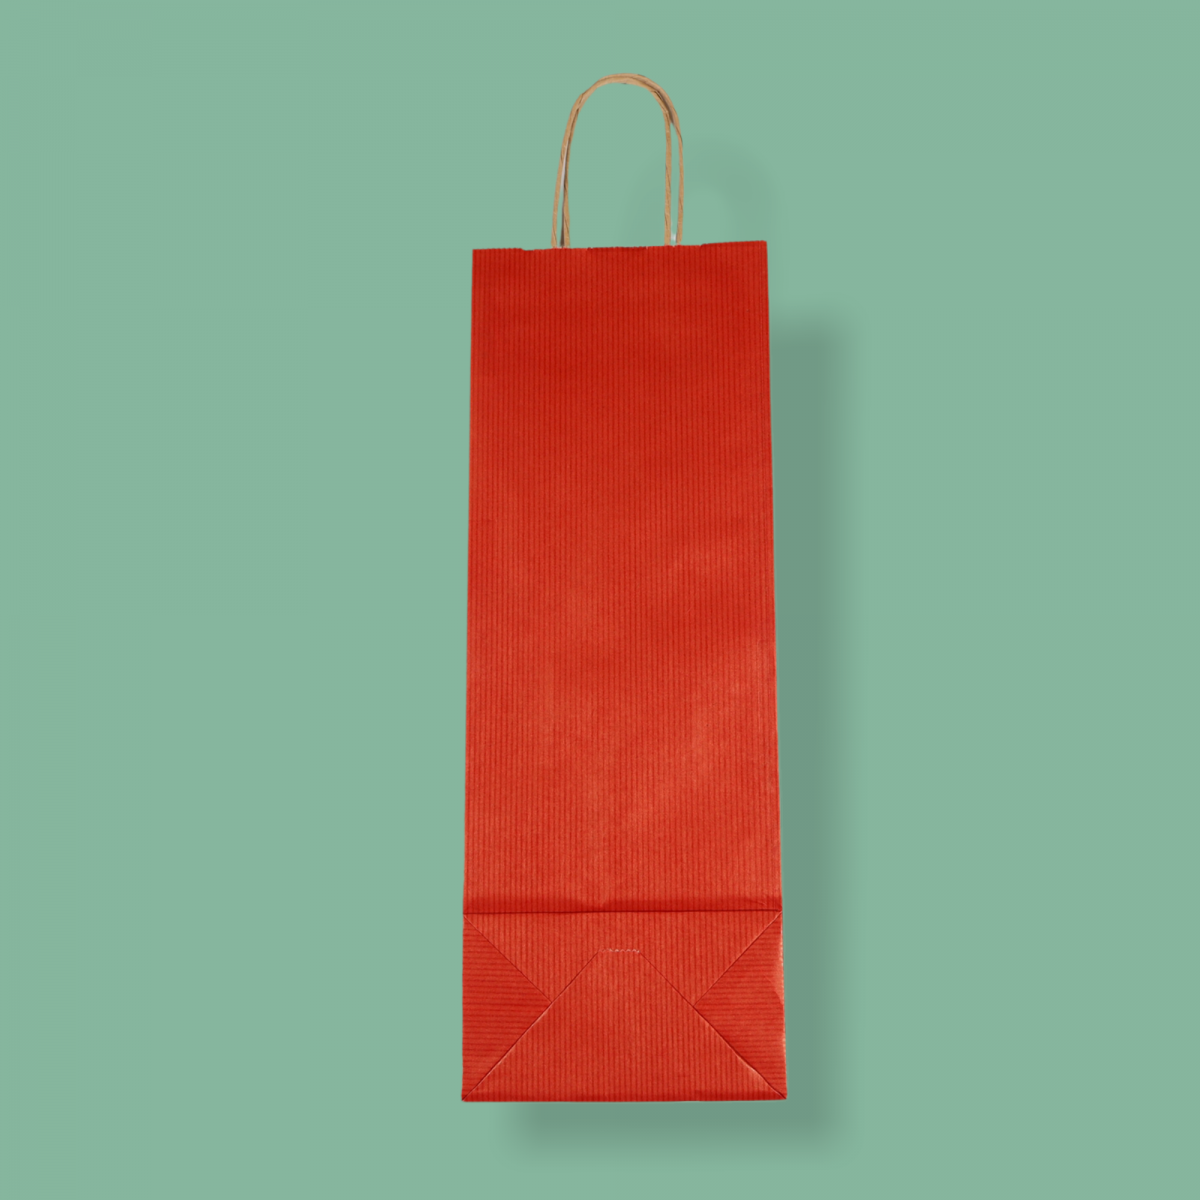 Sodrottfüles papírtáska 14x39x8 cm bordázott bordó ITALTASAK A.